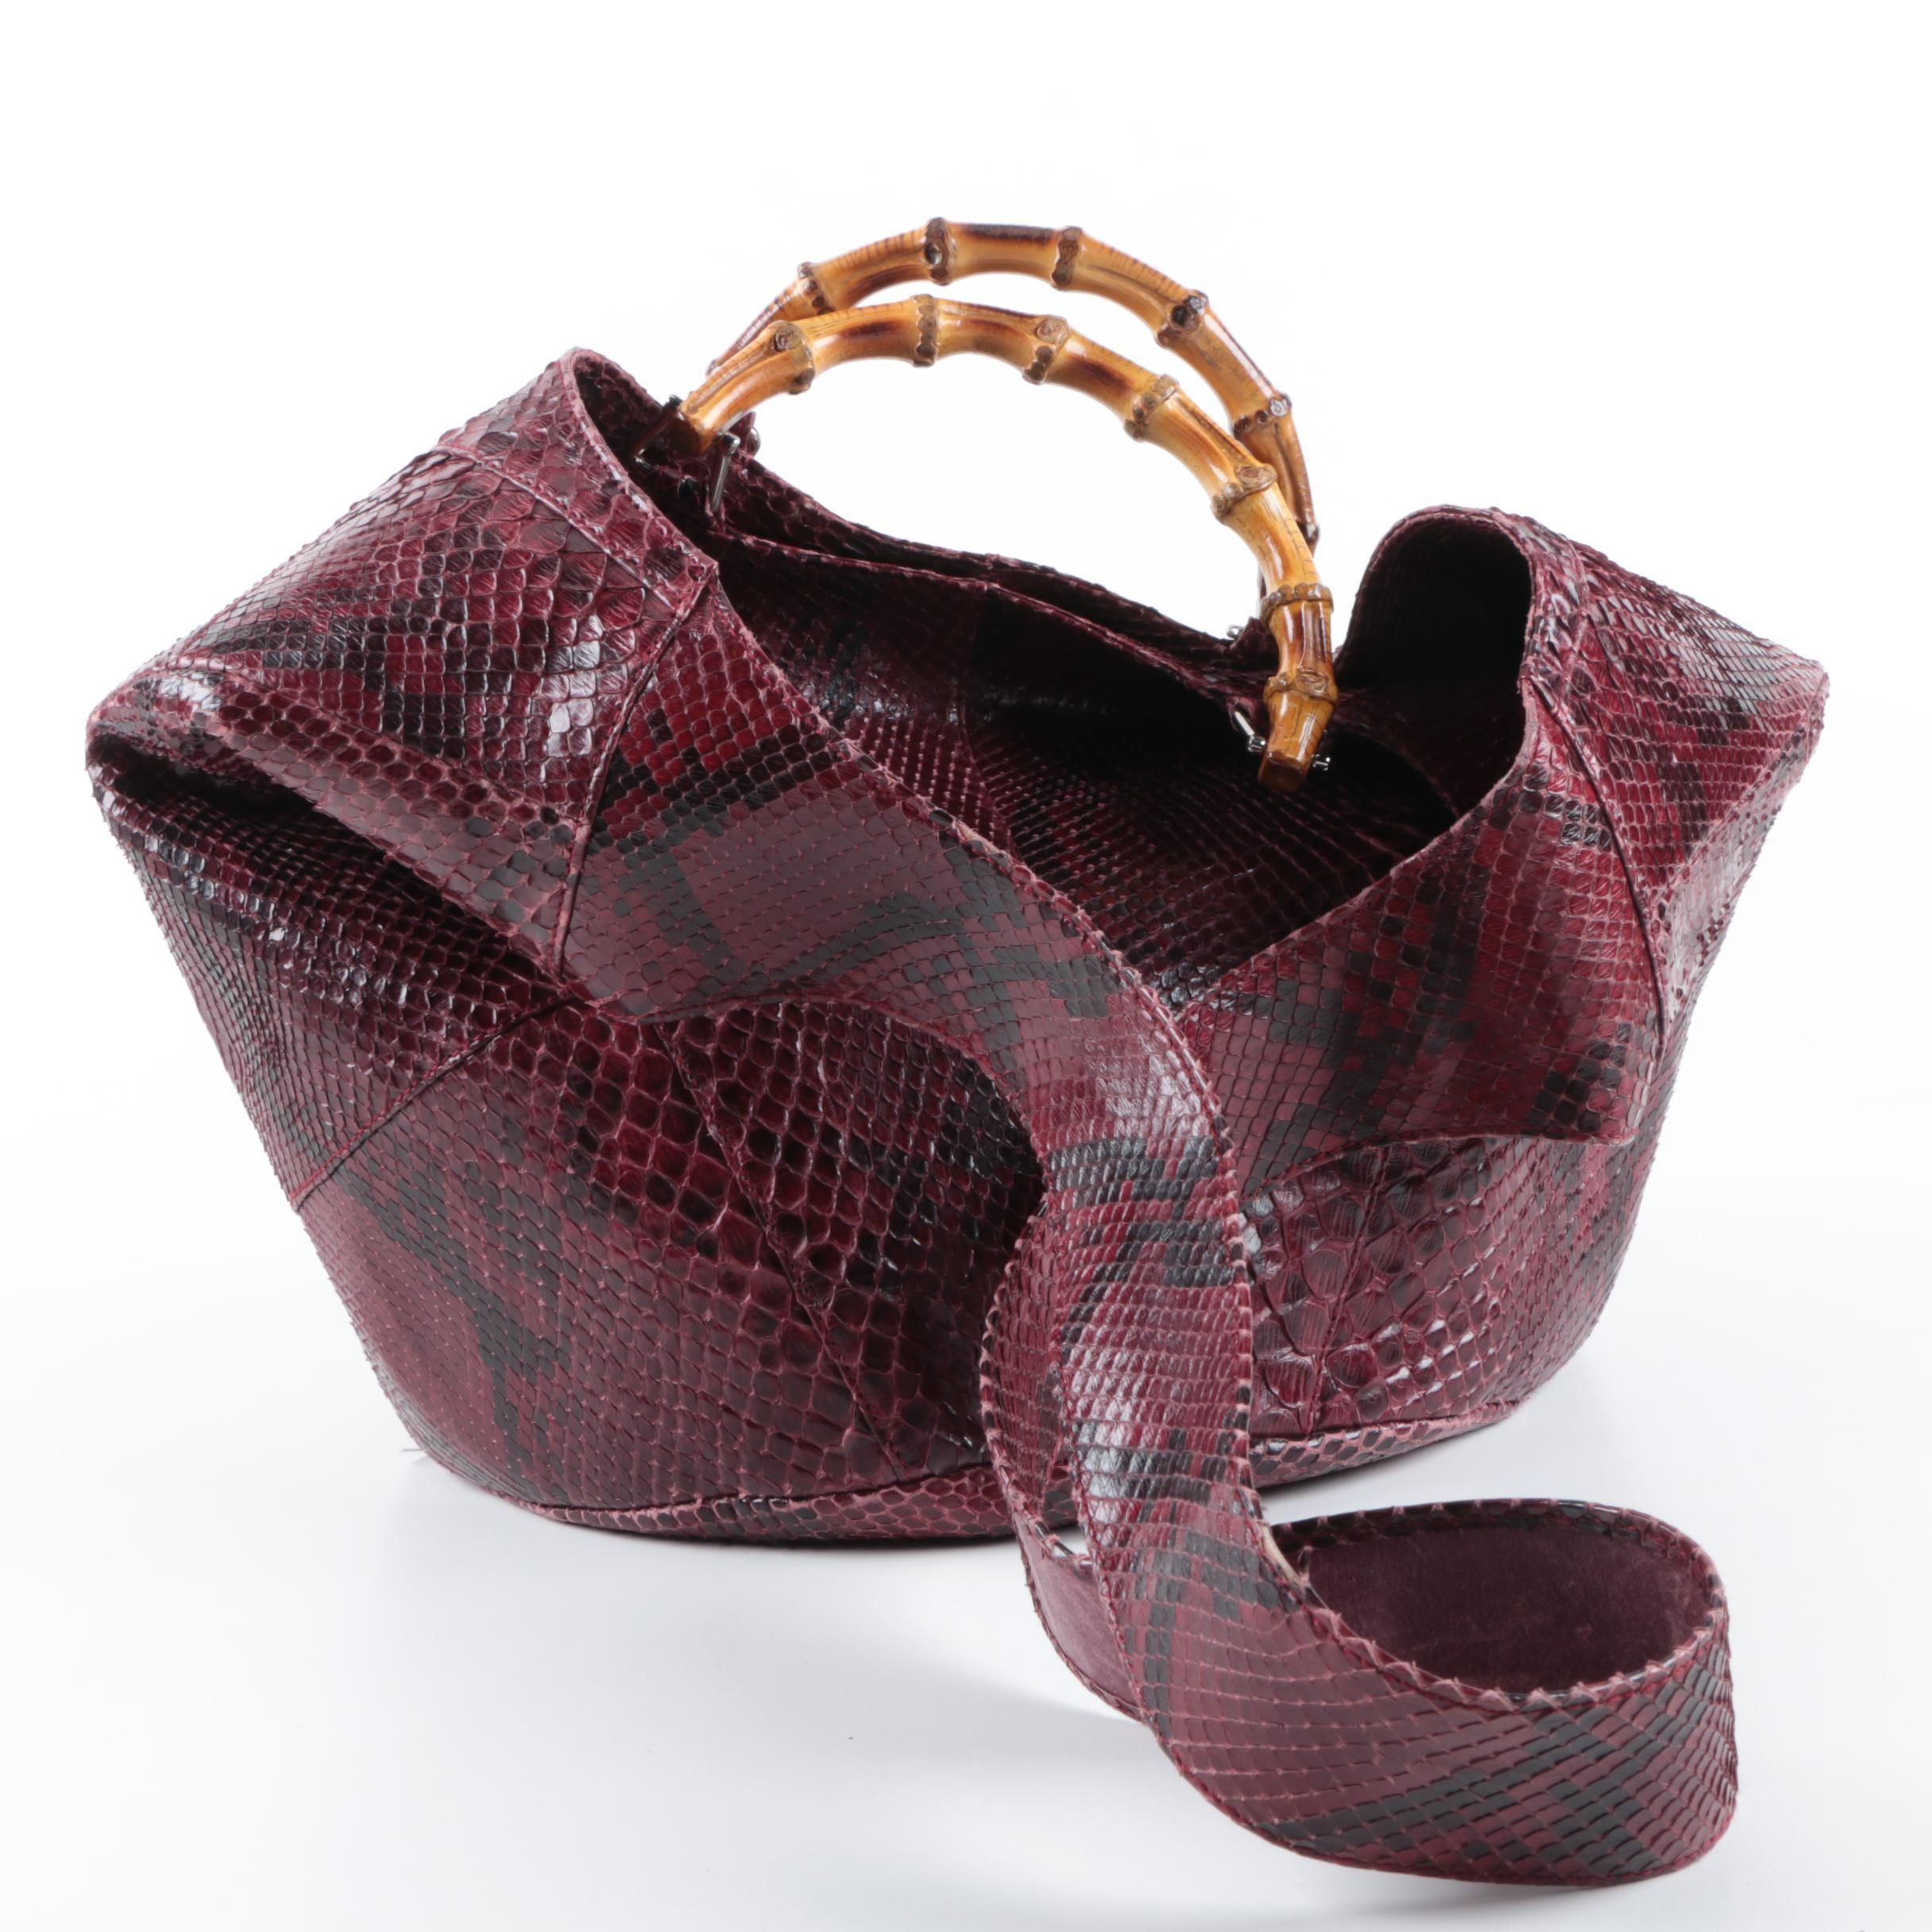 Gucci Python Snakeskin Hobo Bag